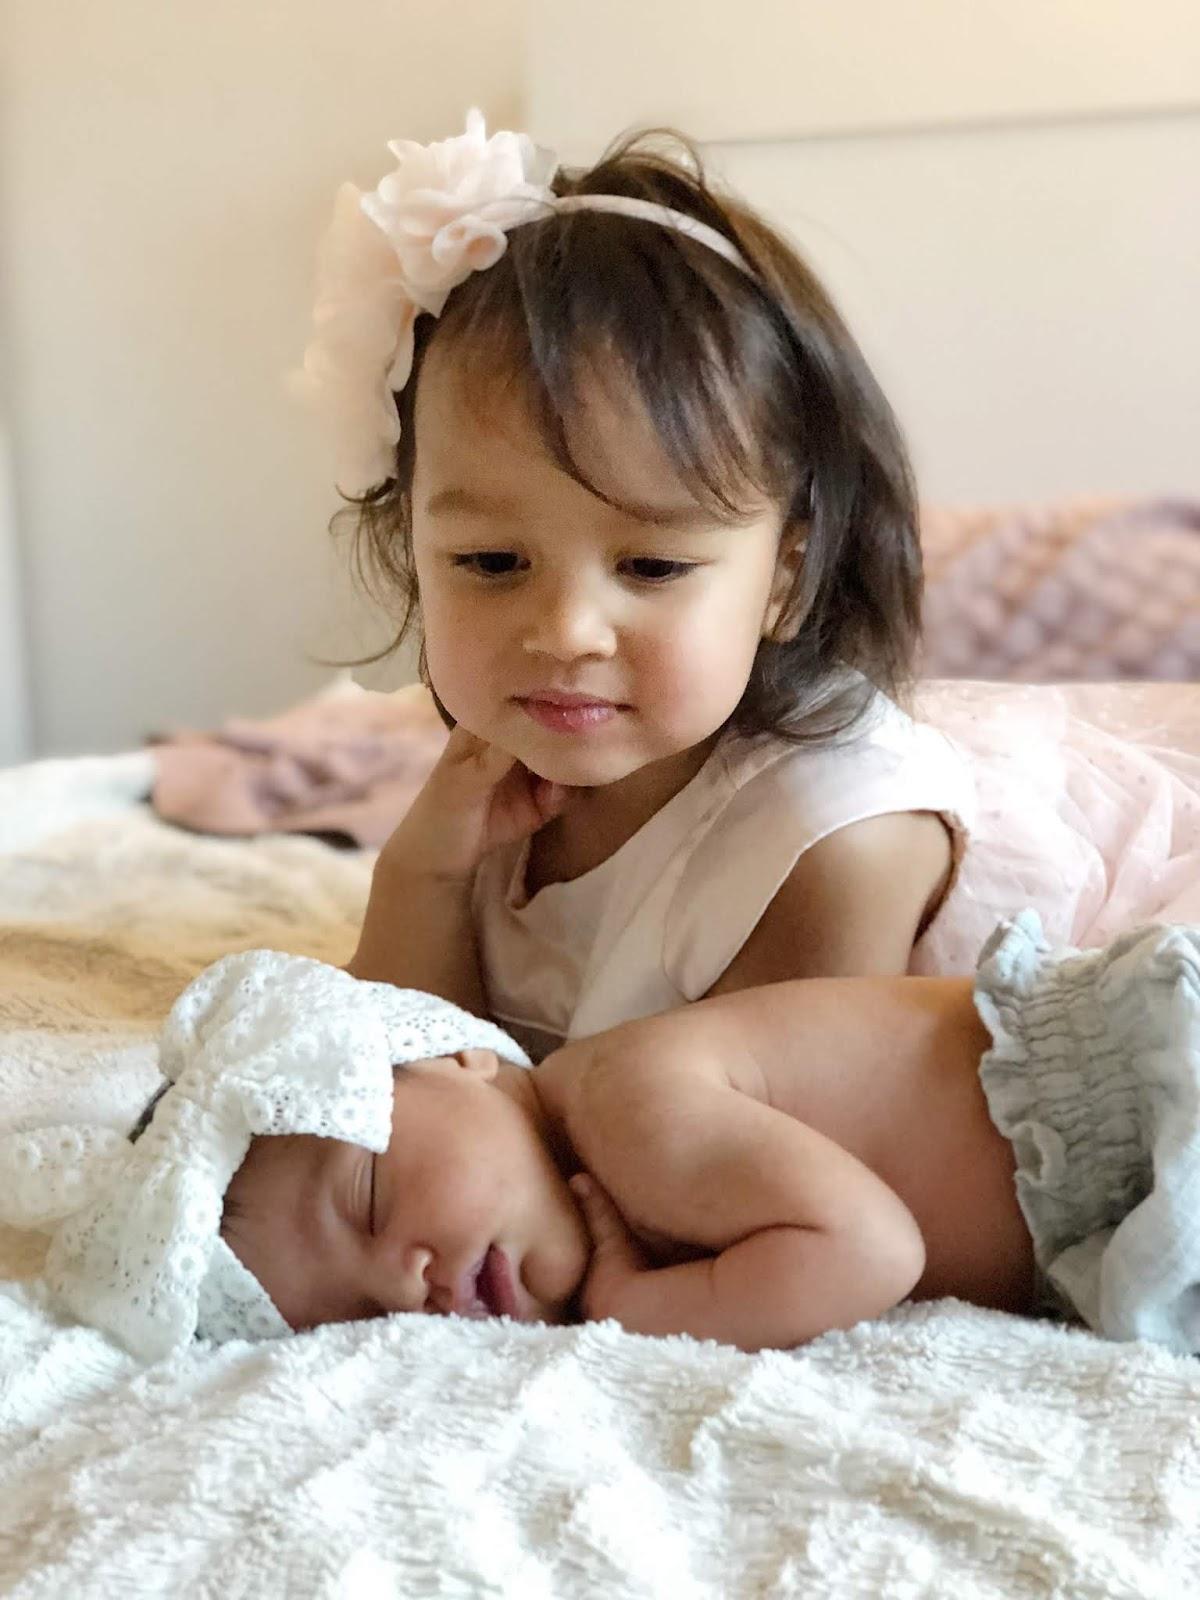 Ensimmäiset päivät kotona uuden vauvan tultua taloon